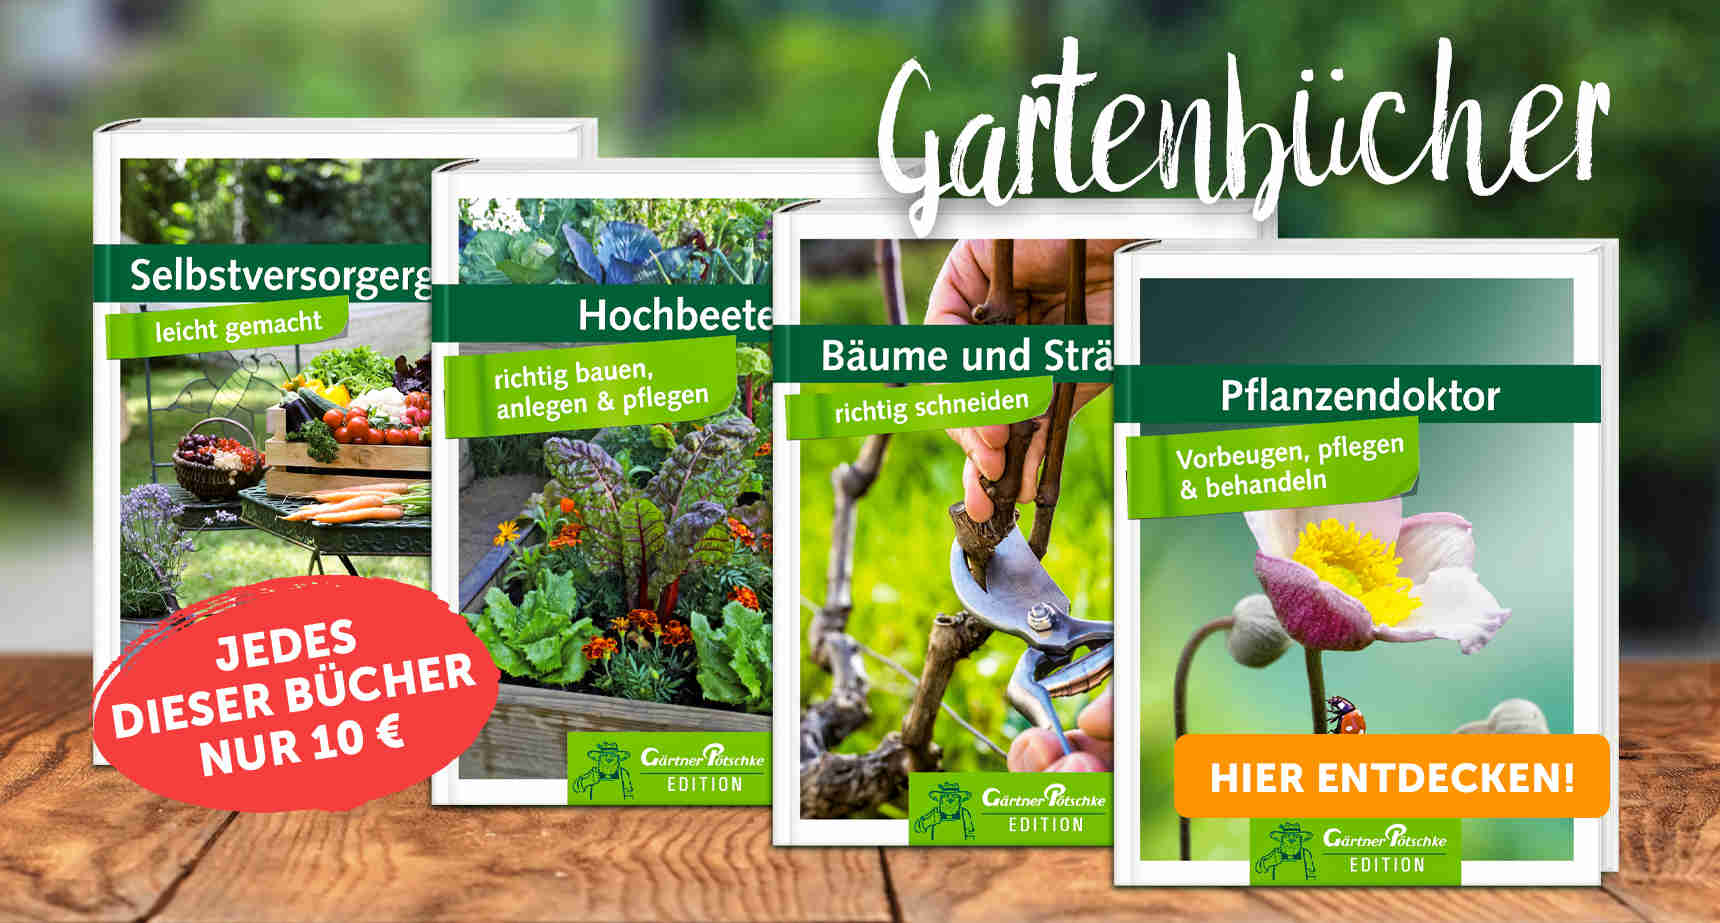 +++ (2) Gartenbücher +++ - 3